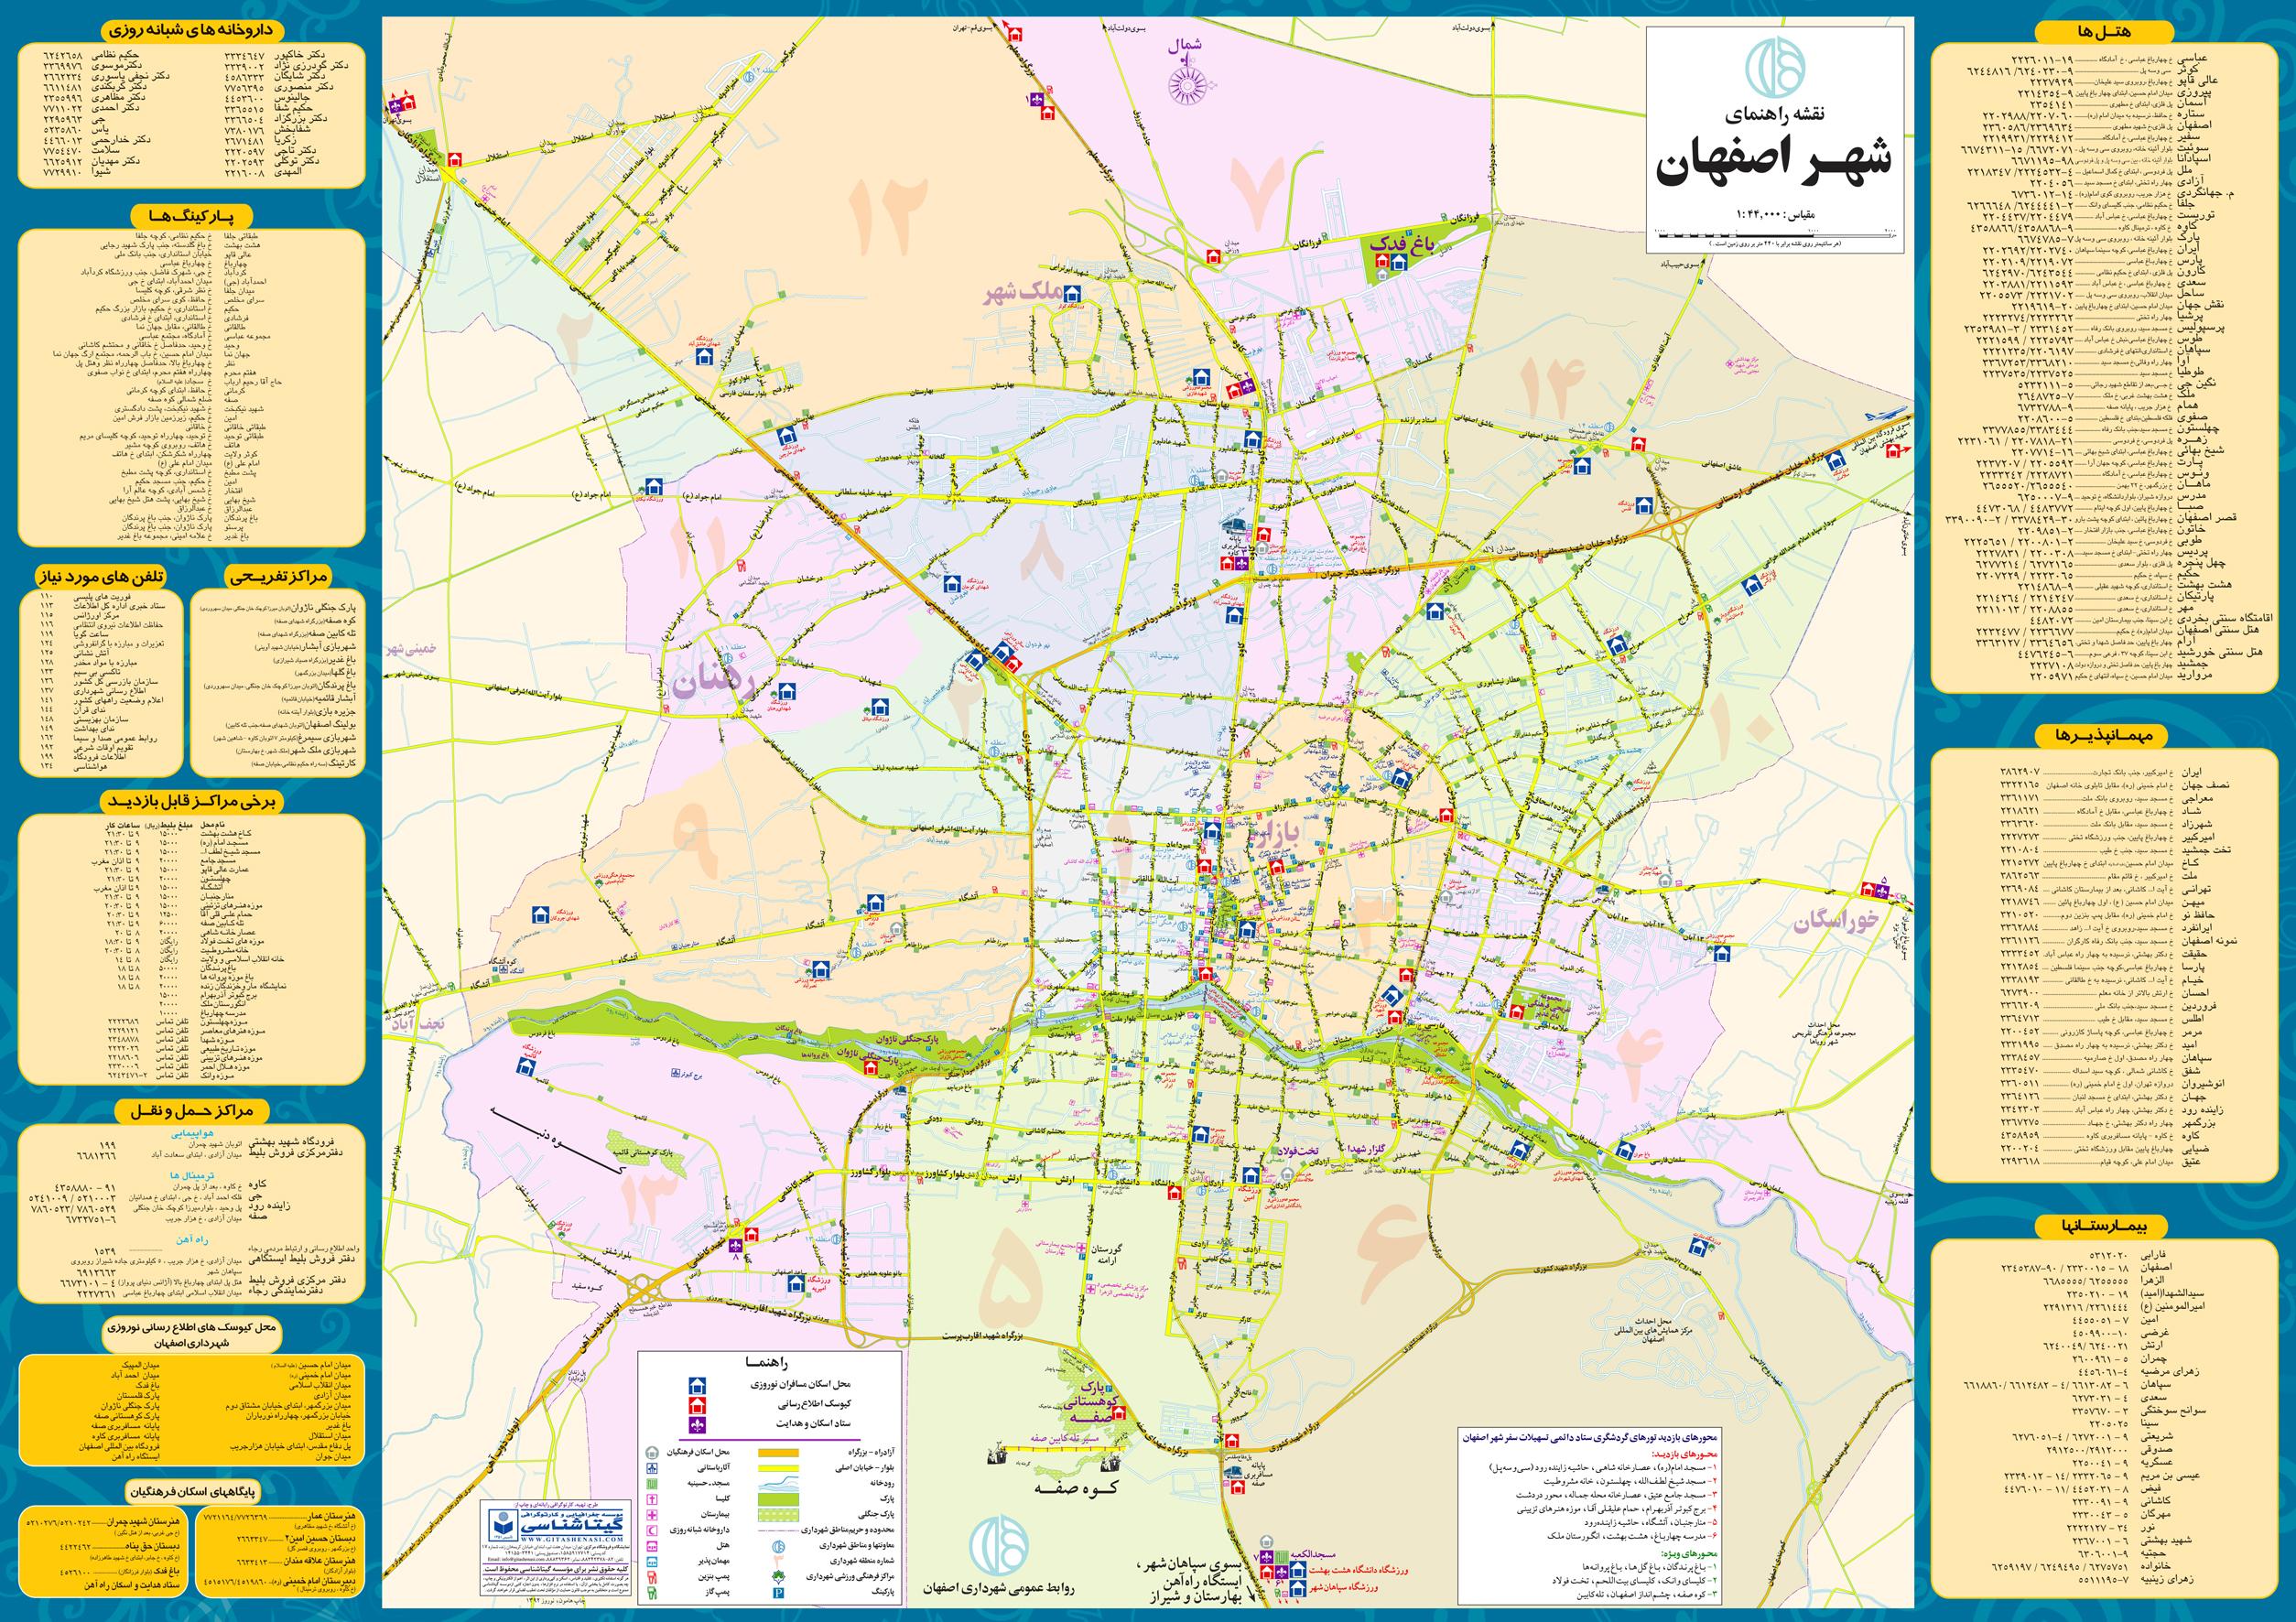 دانلود راهنمای گردشگری اصفهان